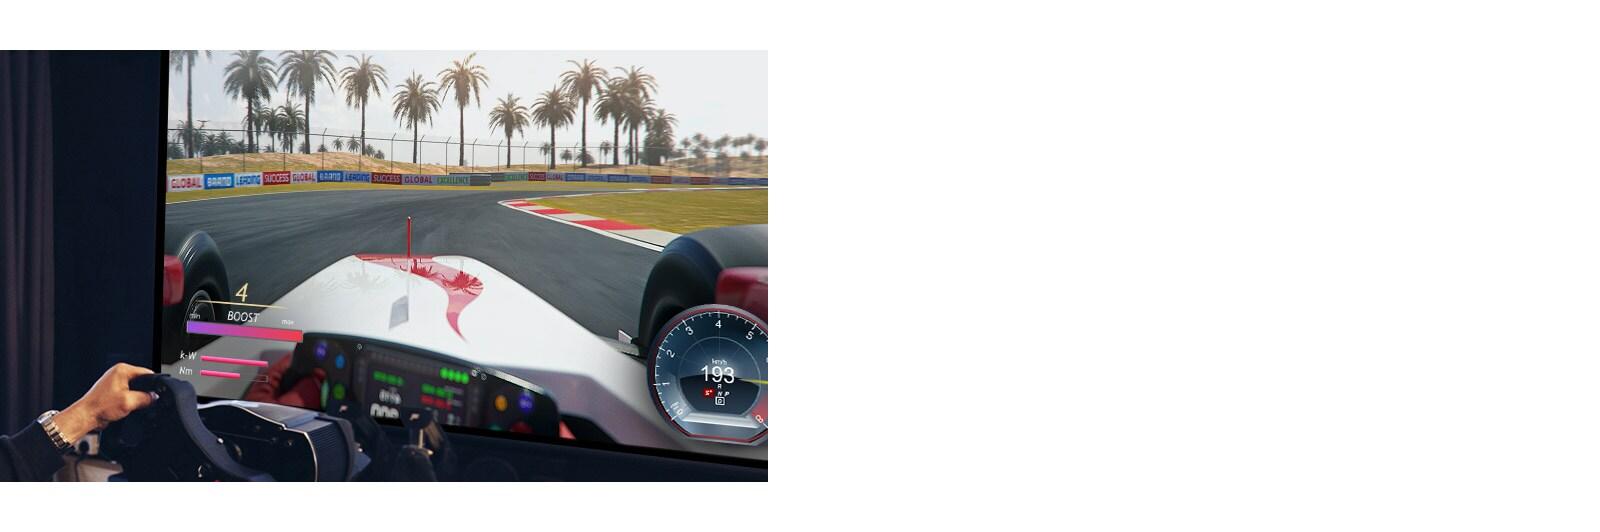 Primer plano de un jugador sosteniendo un volante mientras juega un juego de carreras en una pantalla de TV.